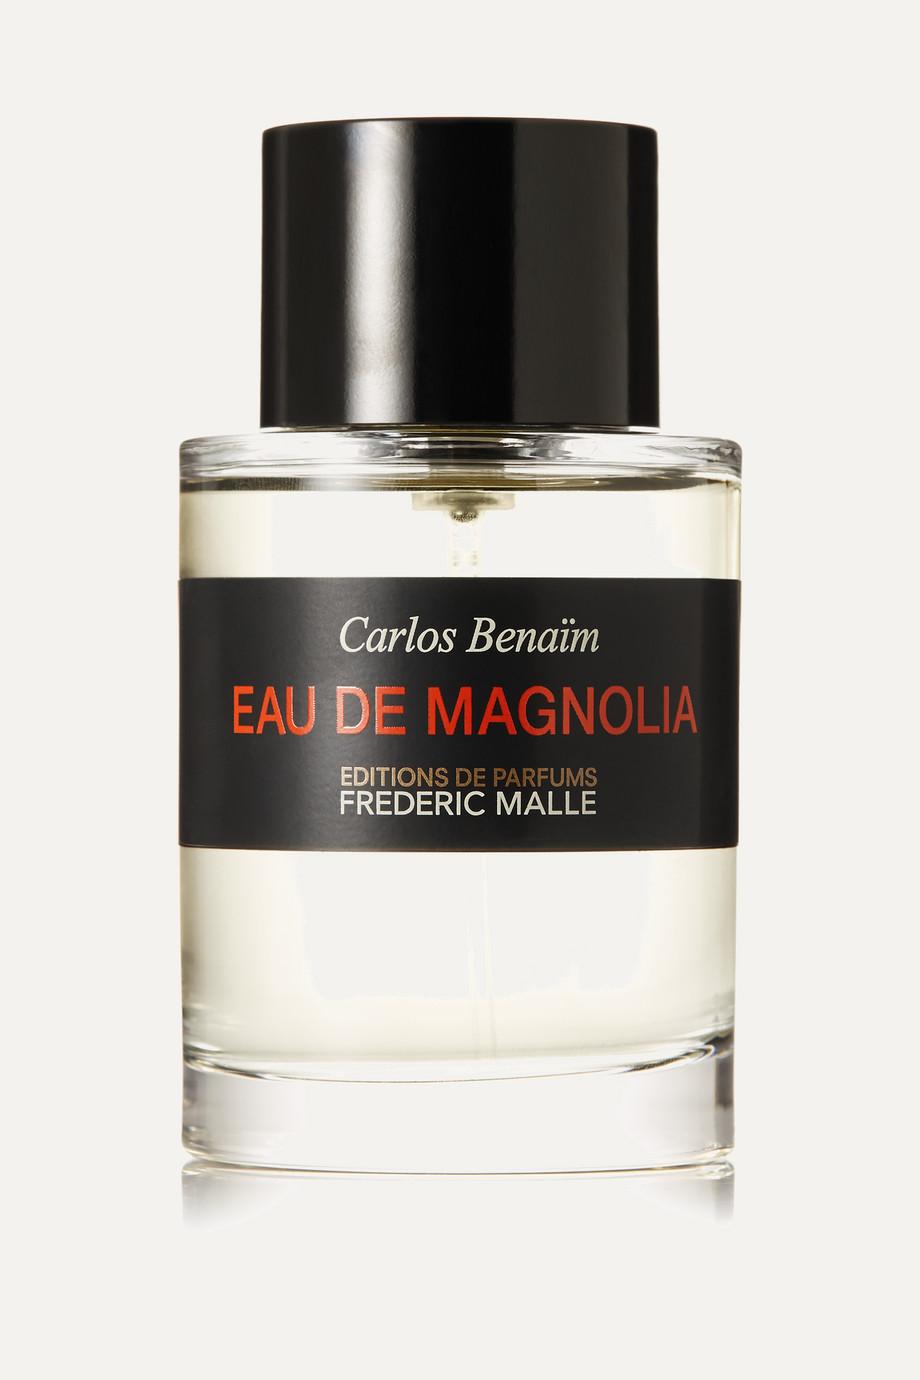 Frederic Malle Magnolia Eau de Toilette - Magnolia Grandiflora & Haitian Vetiver, 100ml